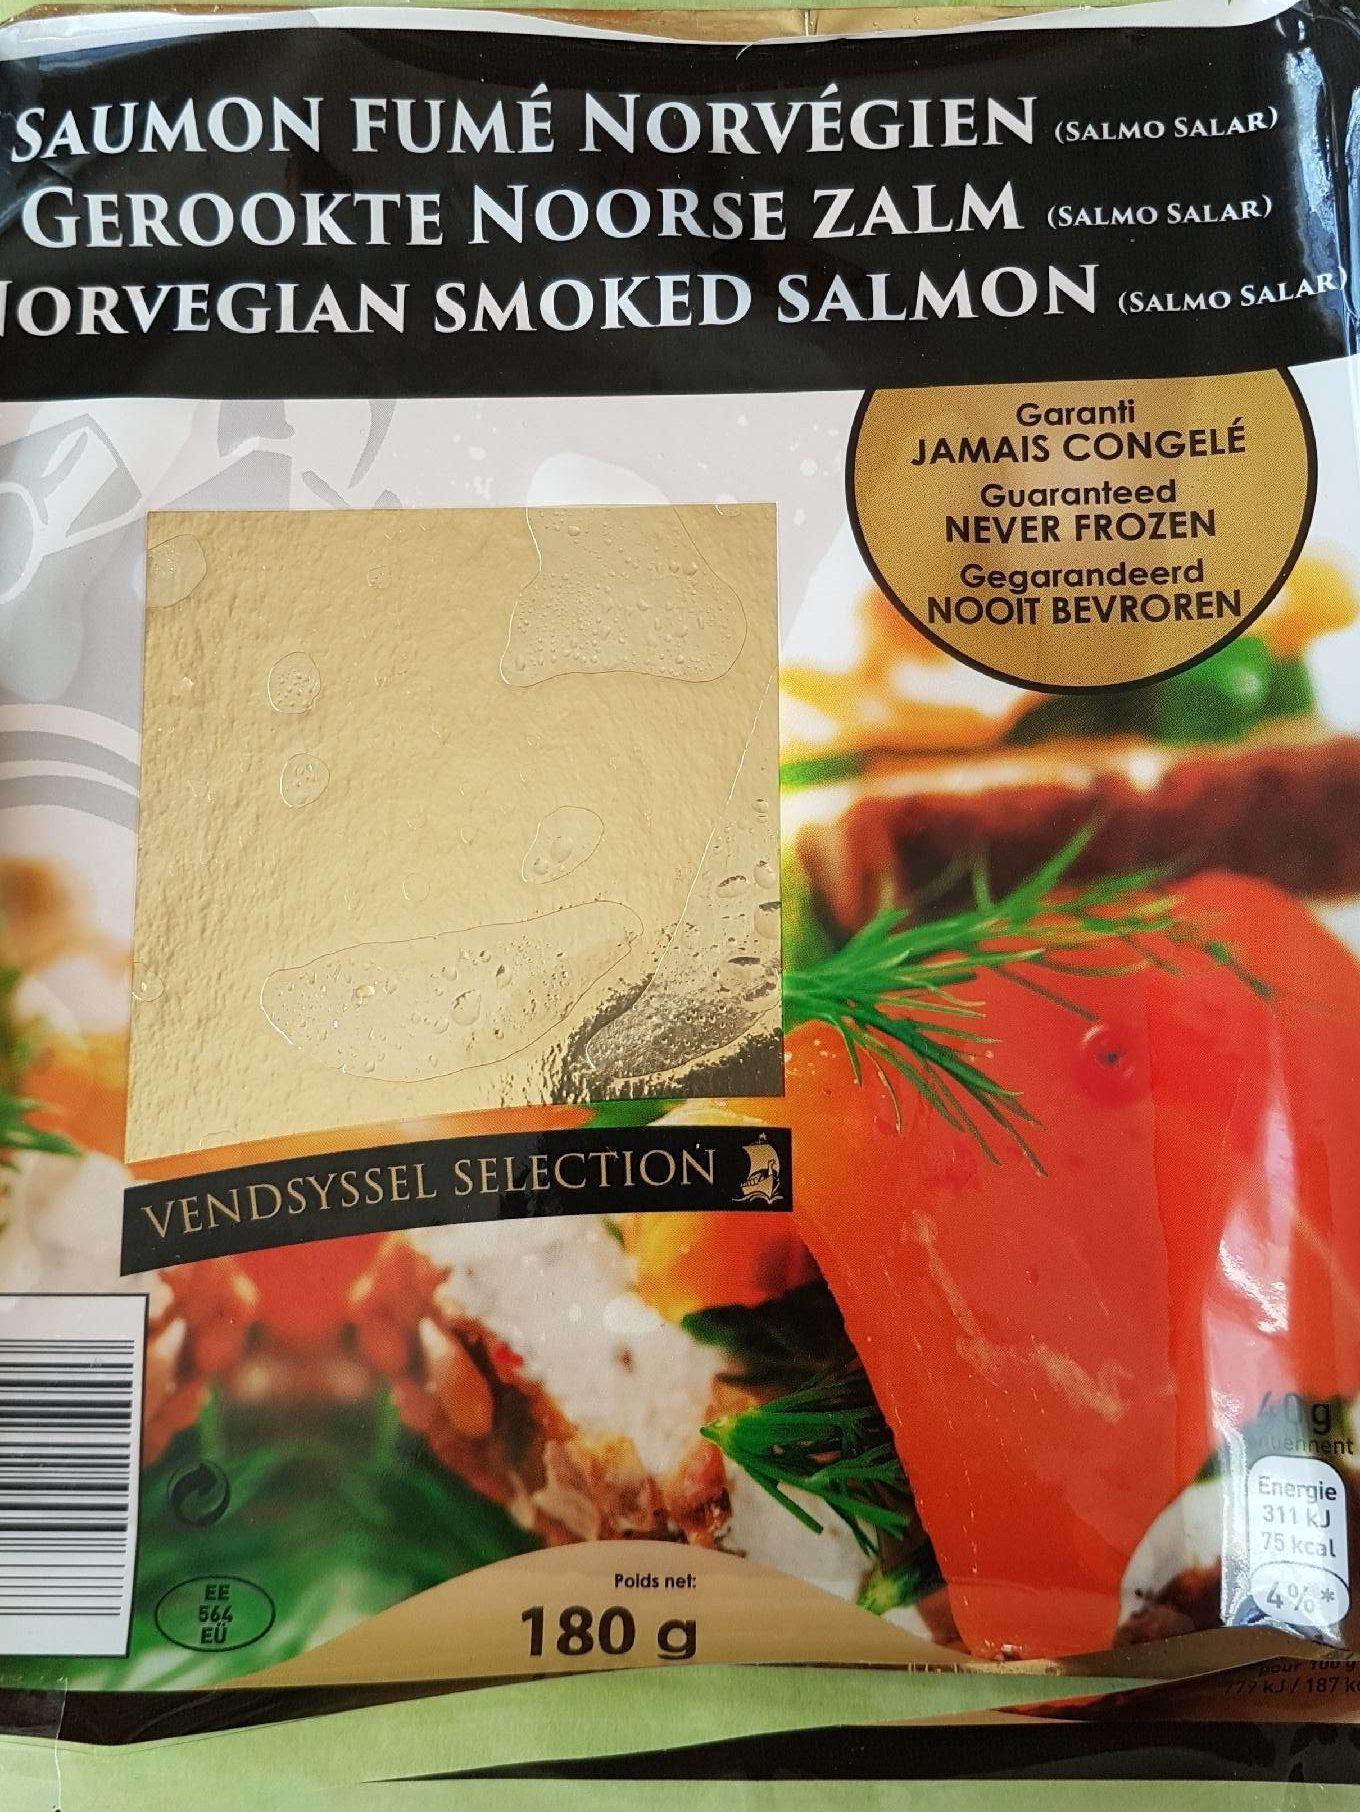 Saumon Fumé Norvégien - Product - fr